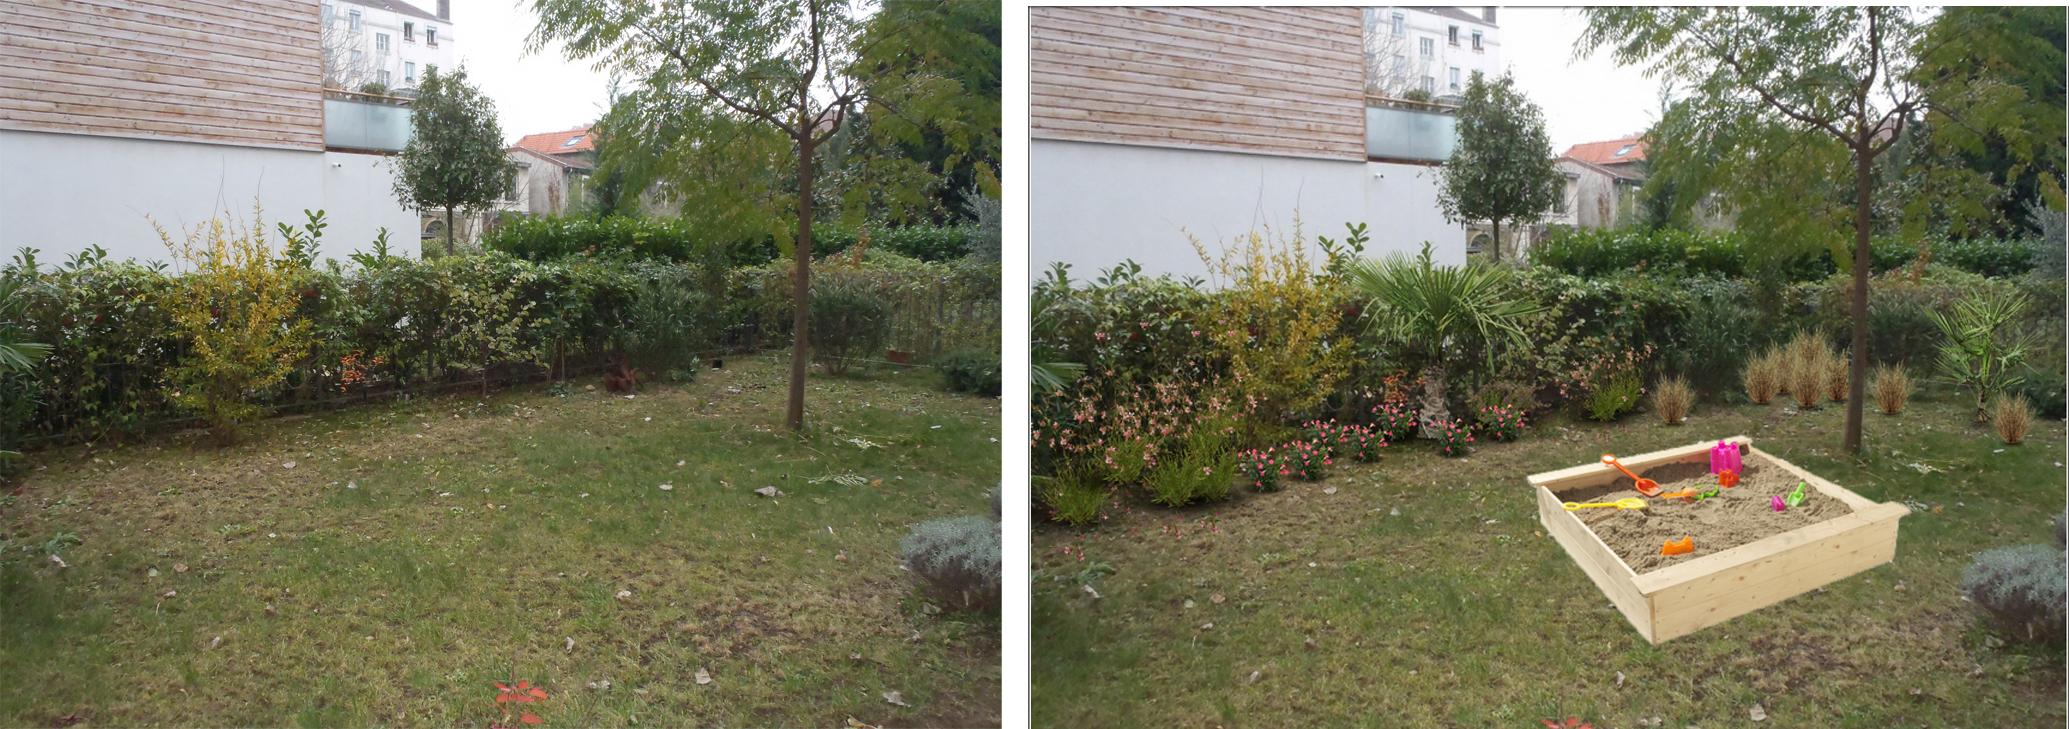 Am nagement paysager du jour un rez de jardin lyonnais for Blog amenagement jardin